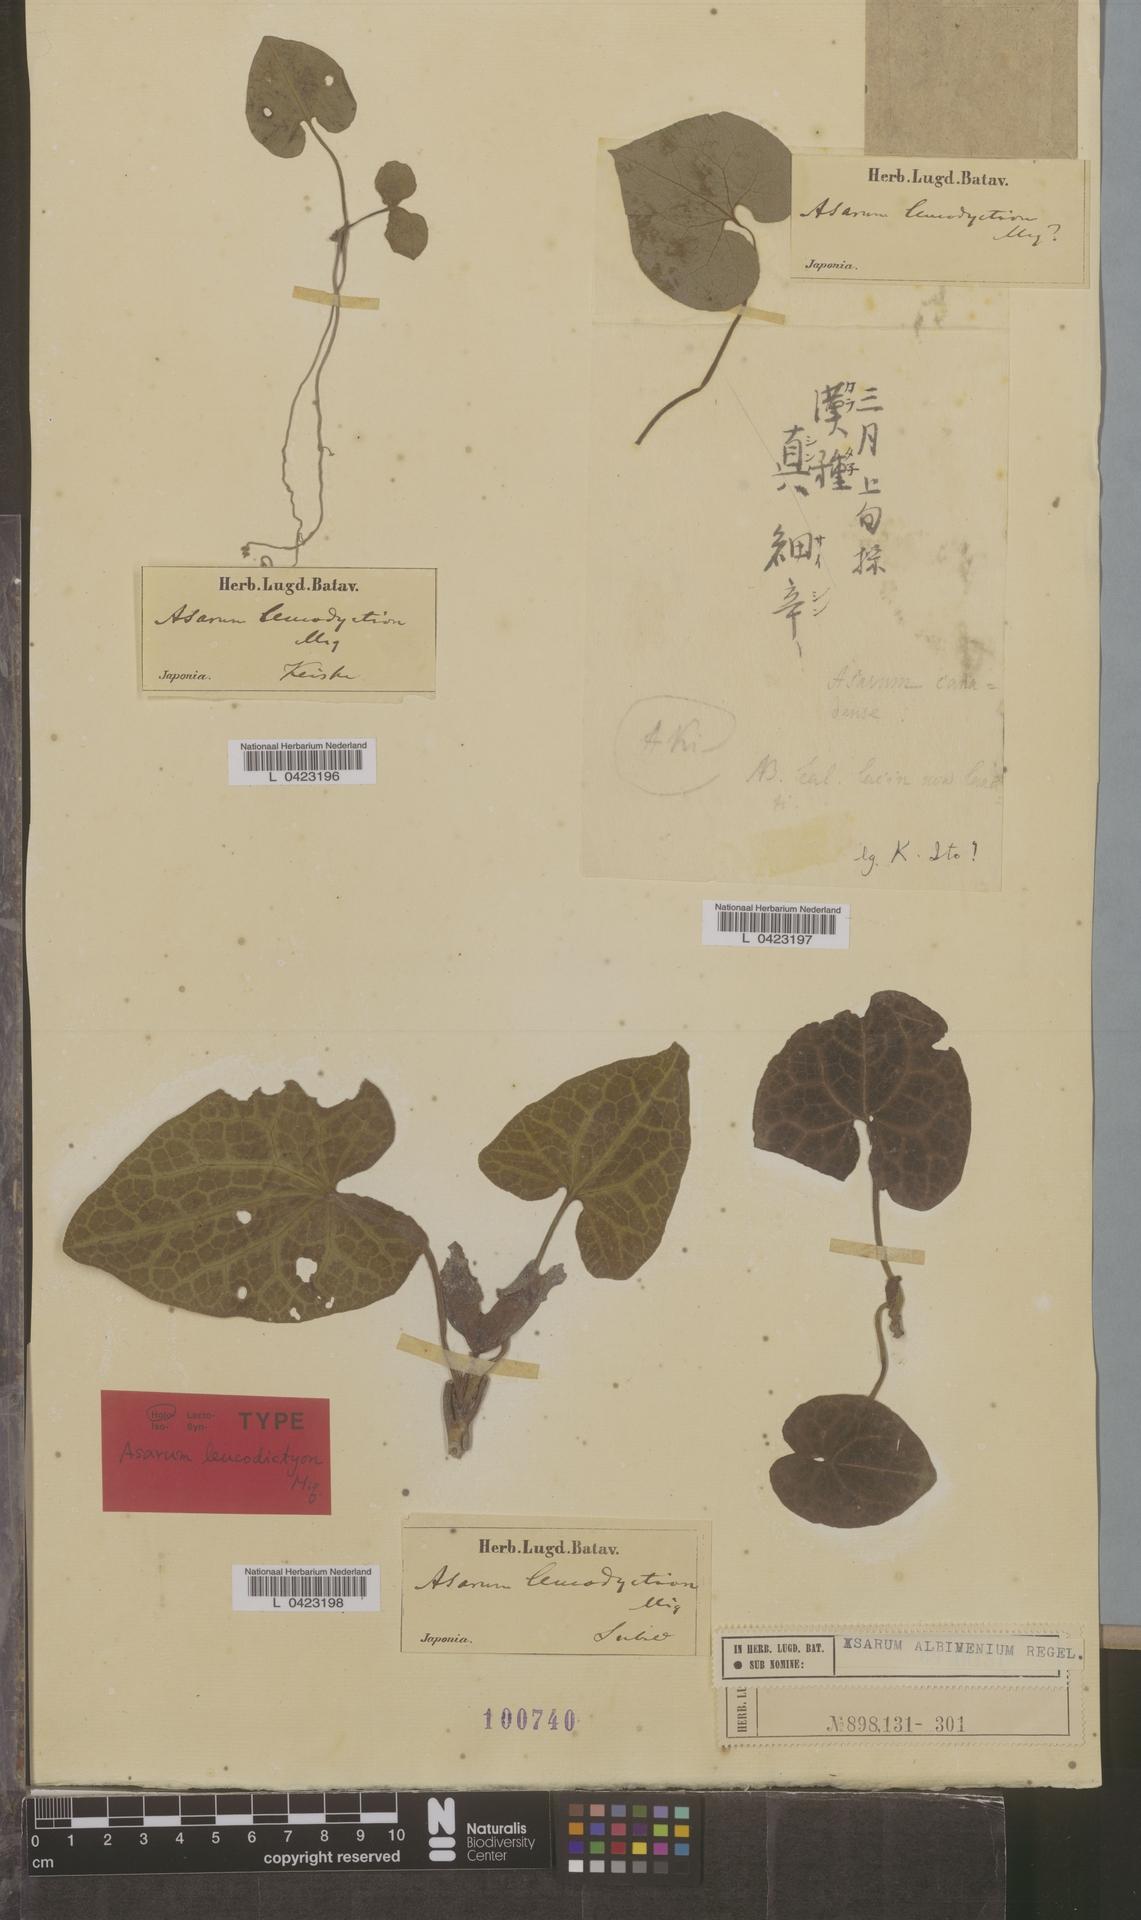 L  0423198   Asarum albimenium Regel